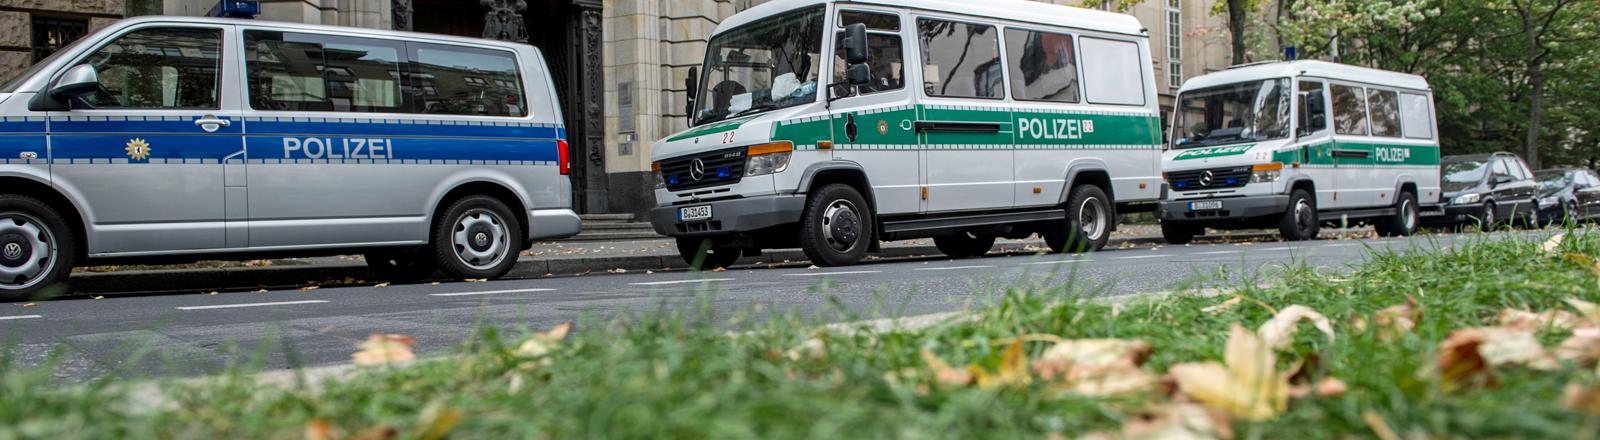 Polizeiwagen stehen am 06.10.2015 in Berlin vor einem Gerichtsgebäude in Moabit. Anlass für die Sicherheitsmaßnahmen ist ein Prozess gegen ein Mitglied einer bekannten arabischen Großfamilie vor dem Amtsgericht.